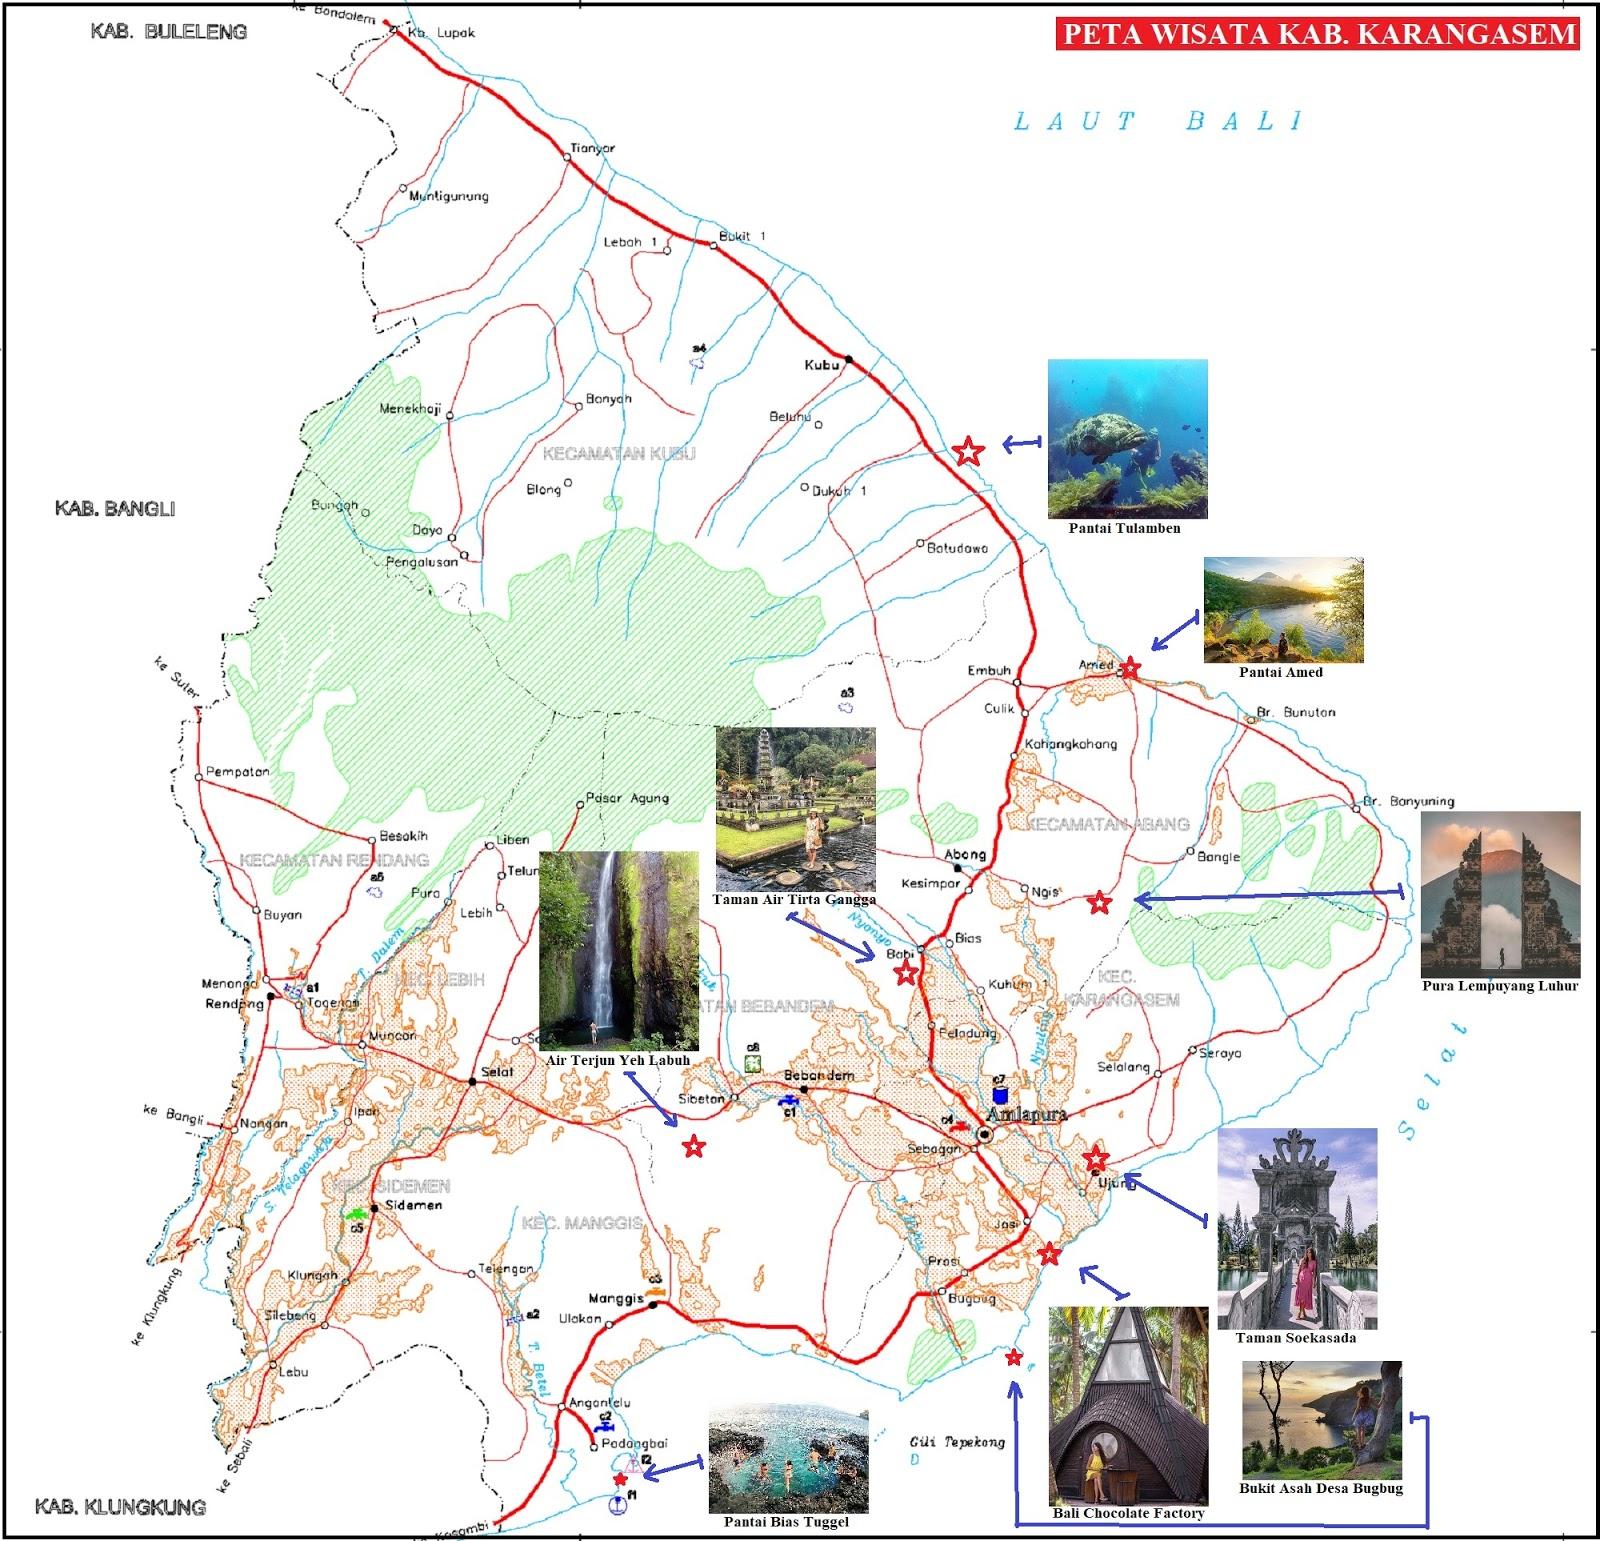 Peta Wisata Kabupaten Karangasem Bali